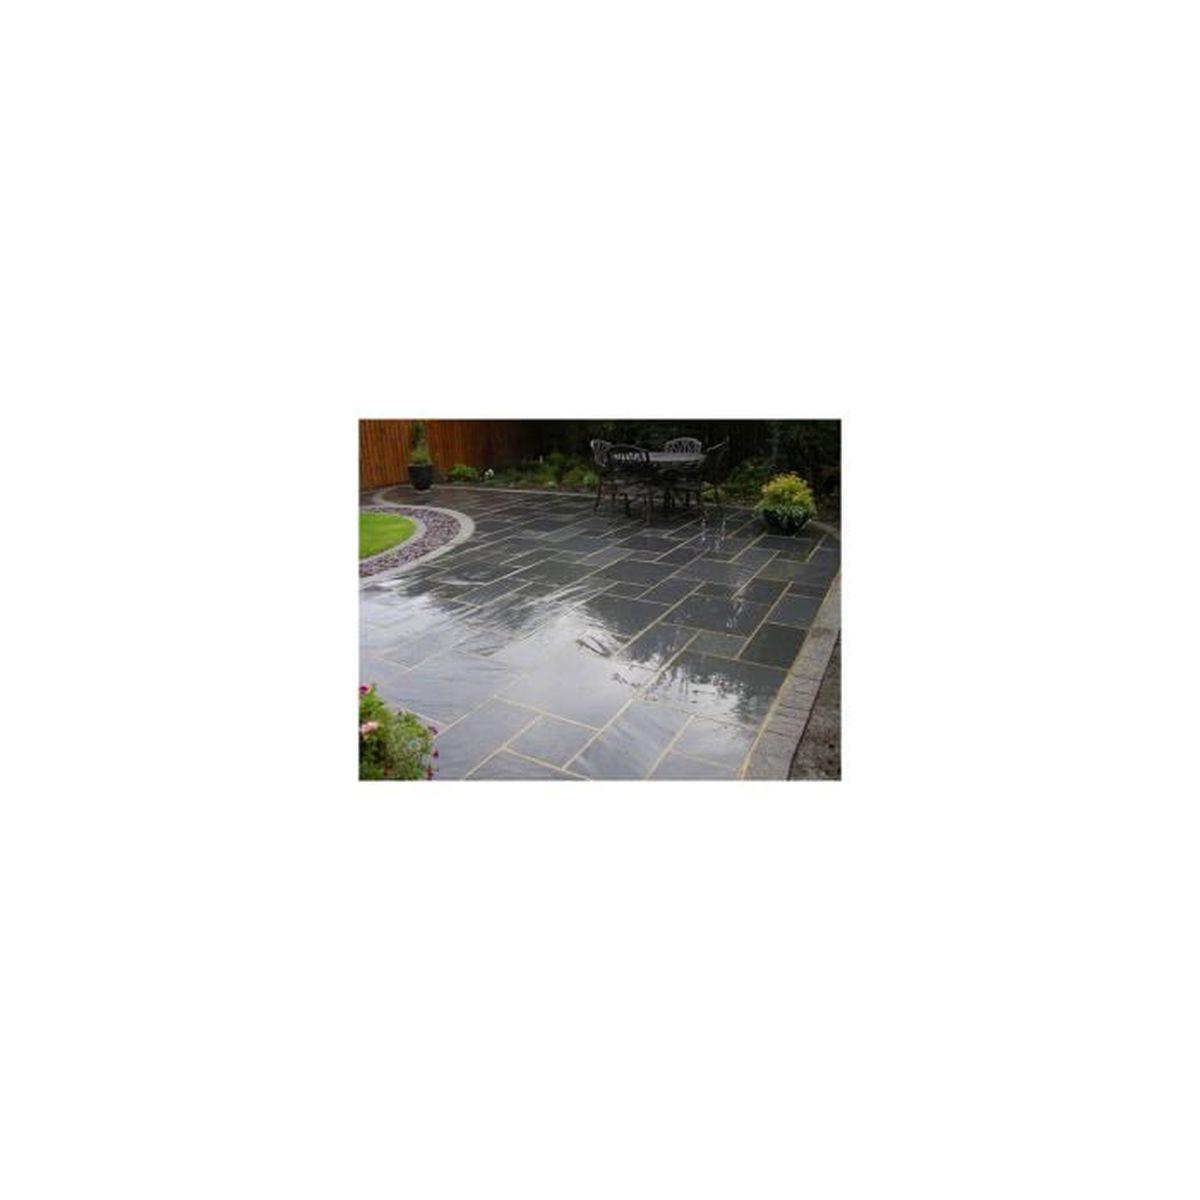 Produit Nettoyage Dalle Terrasse terrasse la dalle à l'unité de 100x50 - achat / vente